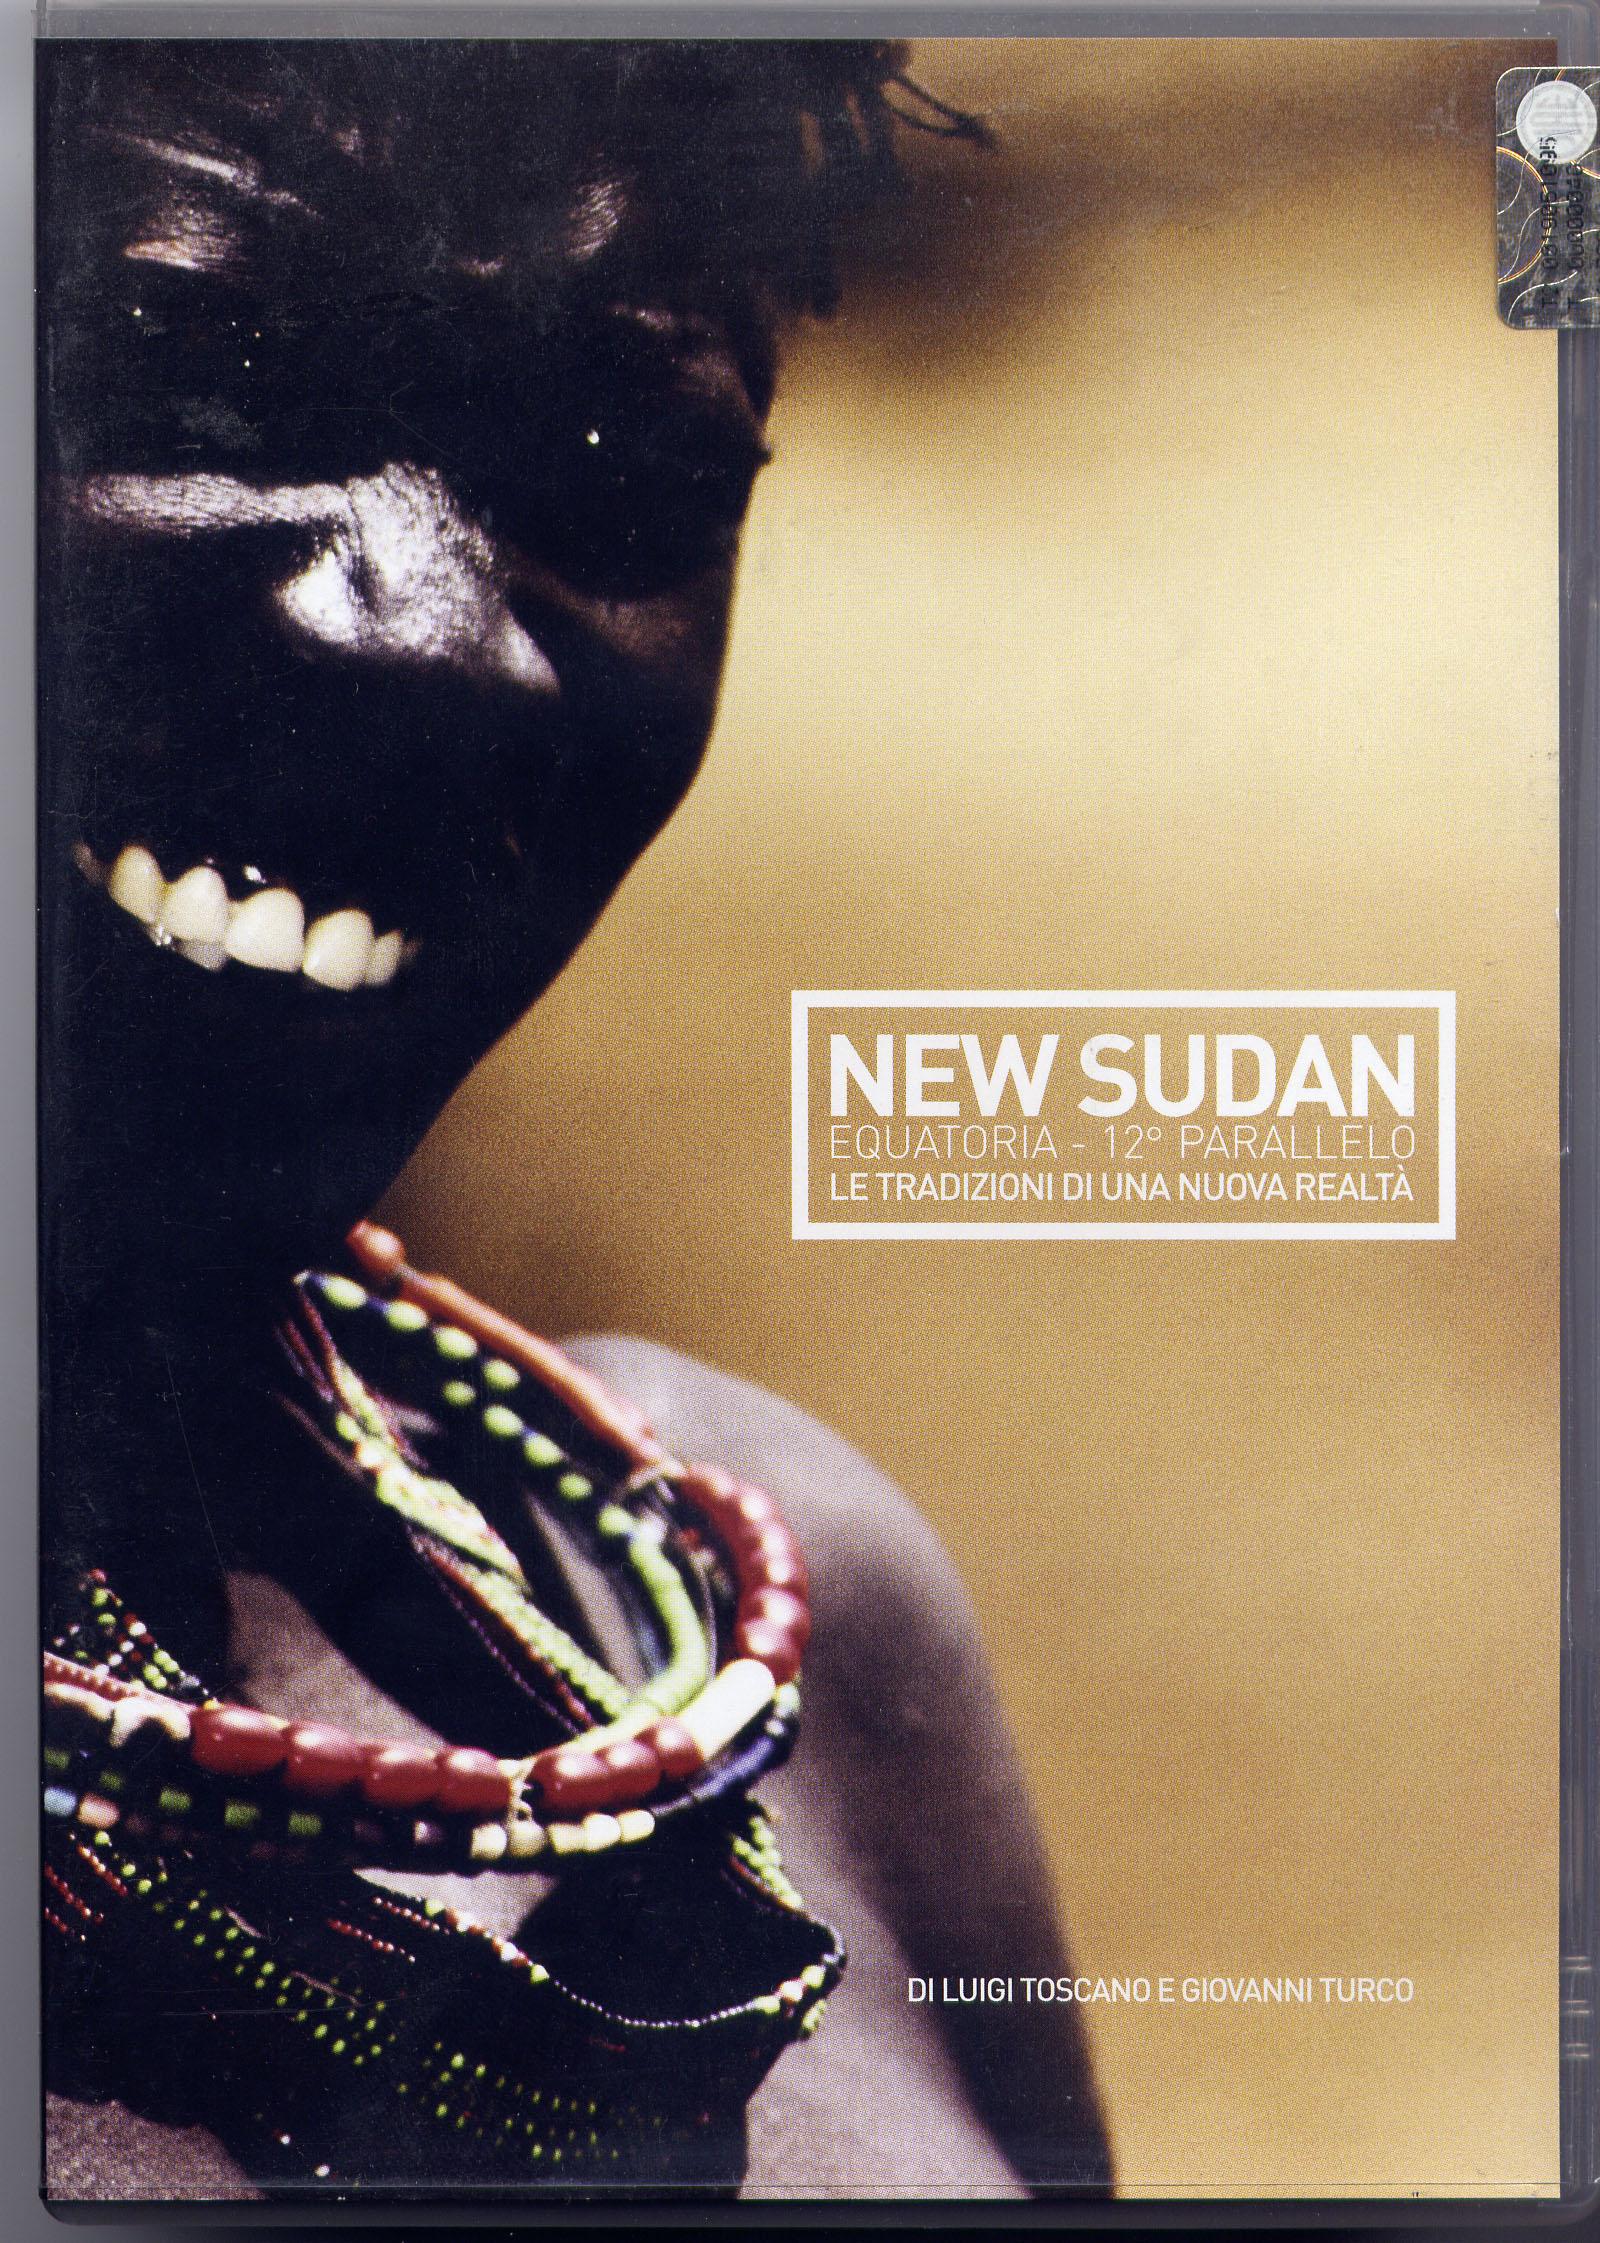 New Sudan